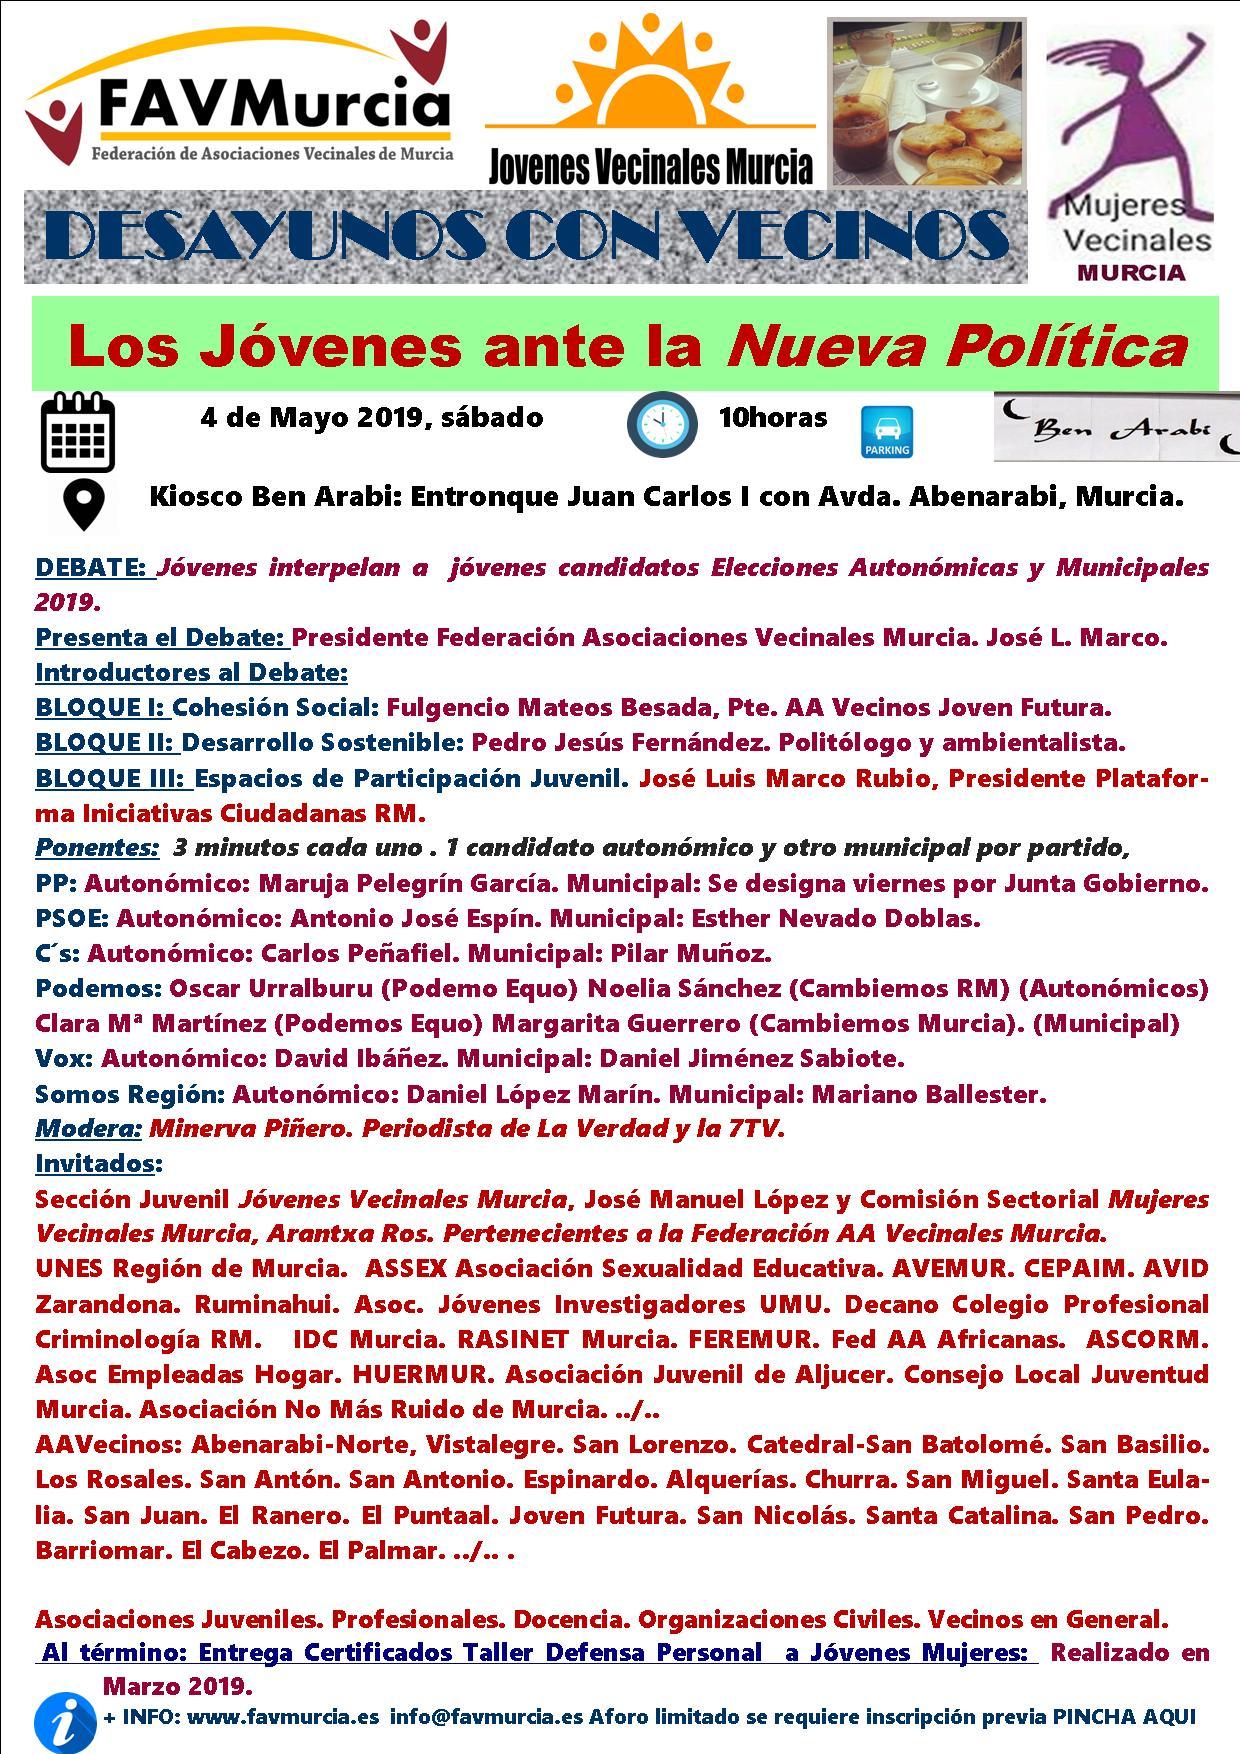 2019-05-04 Cronograma - Los jóvenes ante la nueva política - FAVMurcia